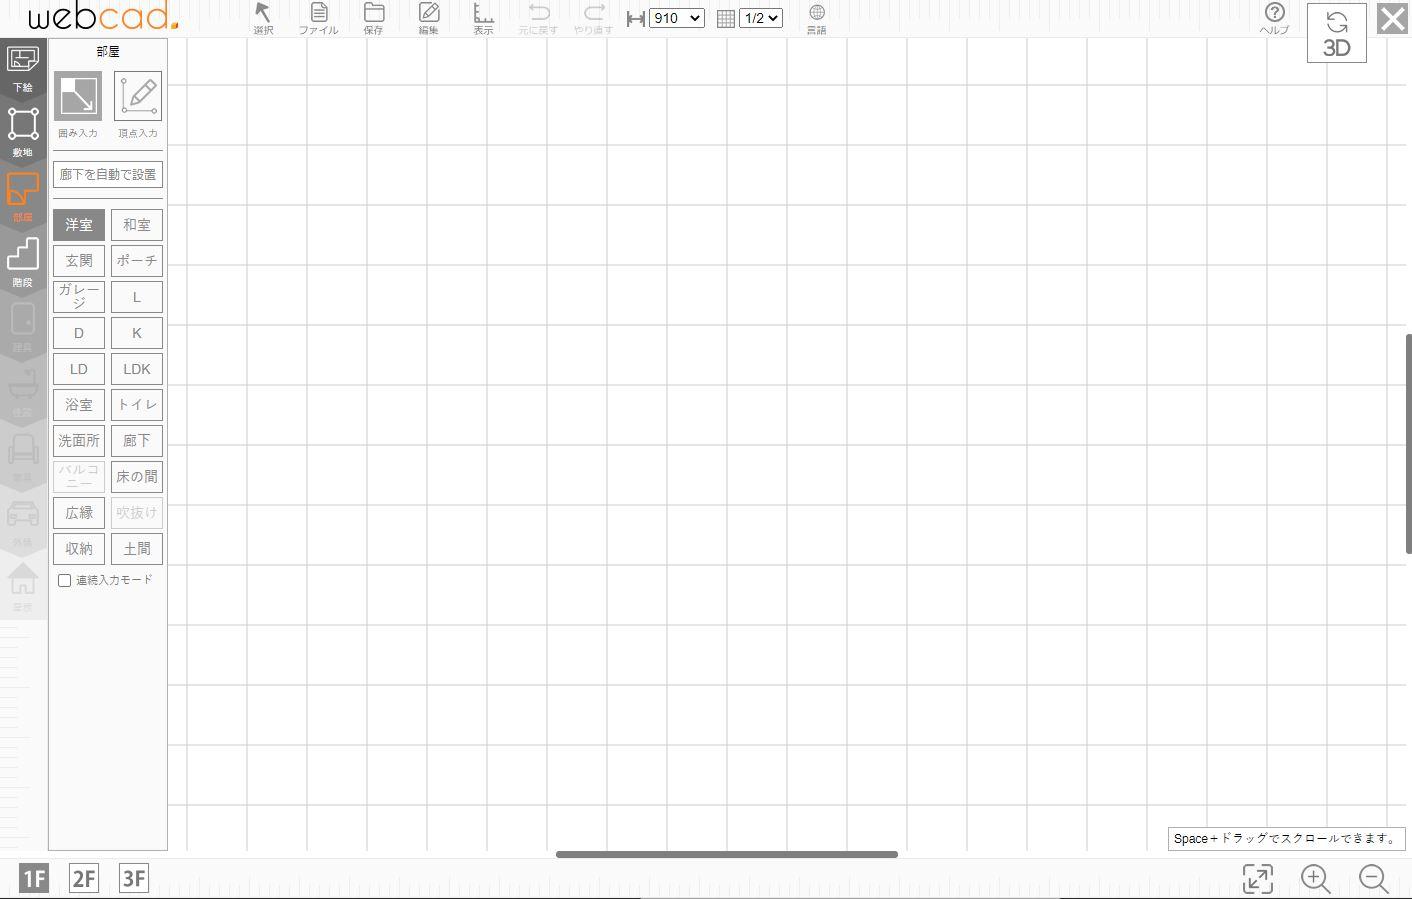 マイホームクラウド 新規図面作成をクリックすると間取り図が作成可能に